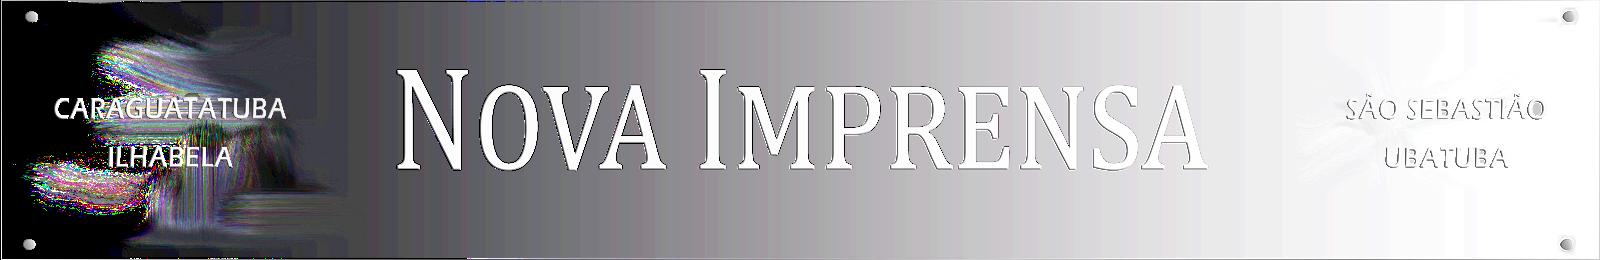 Nova Imprensa